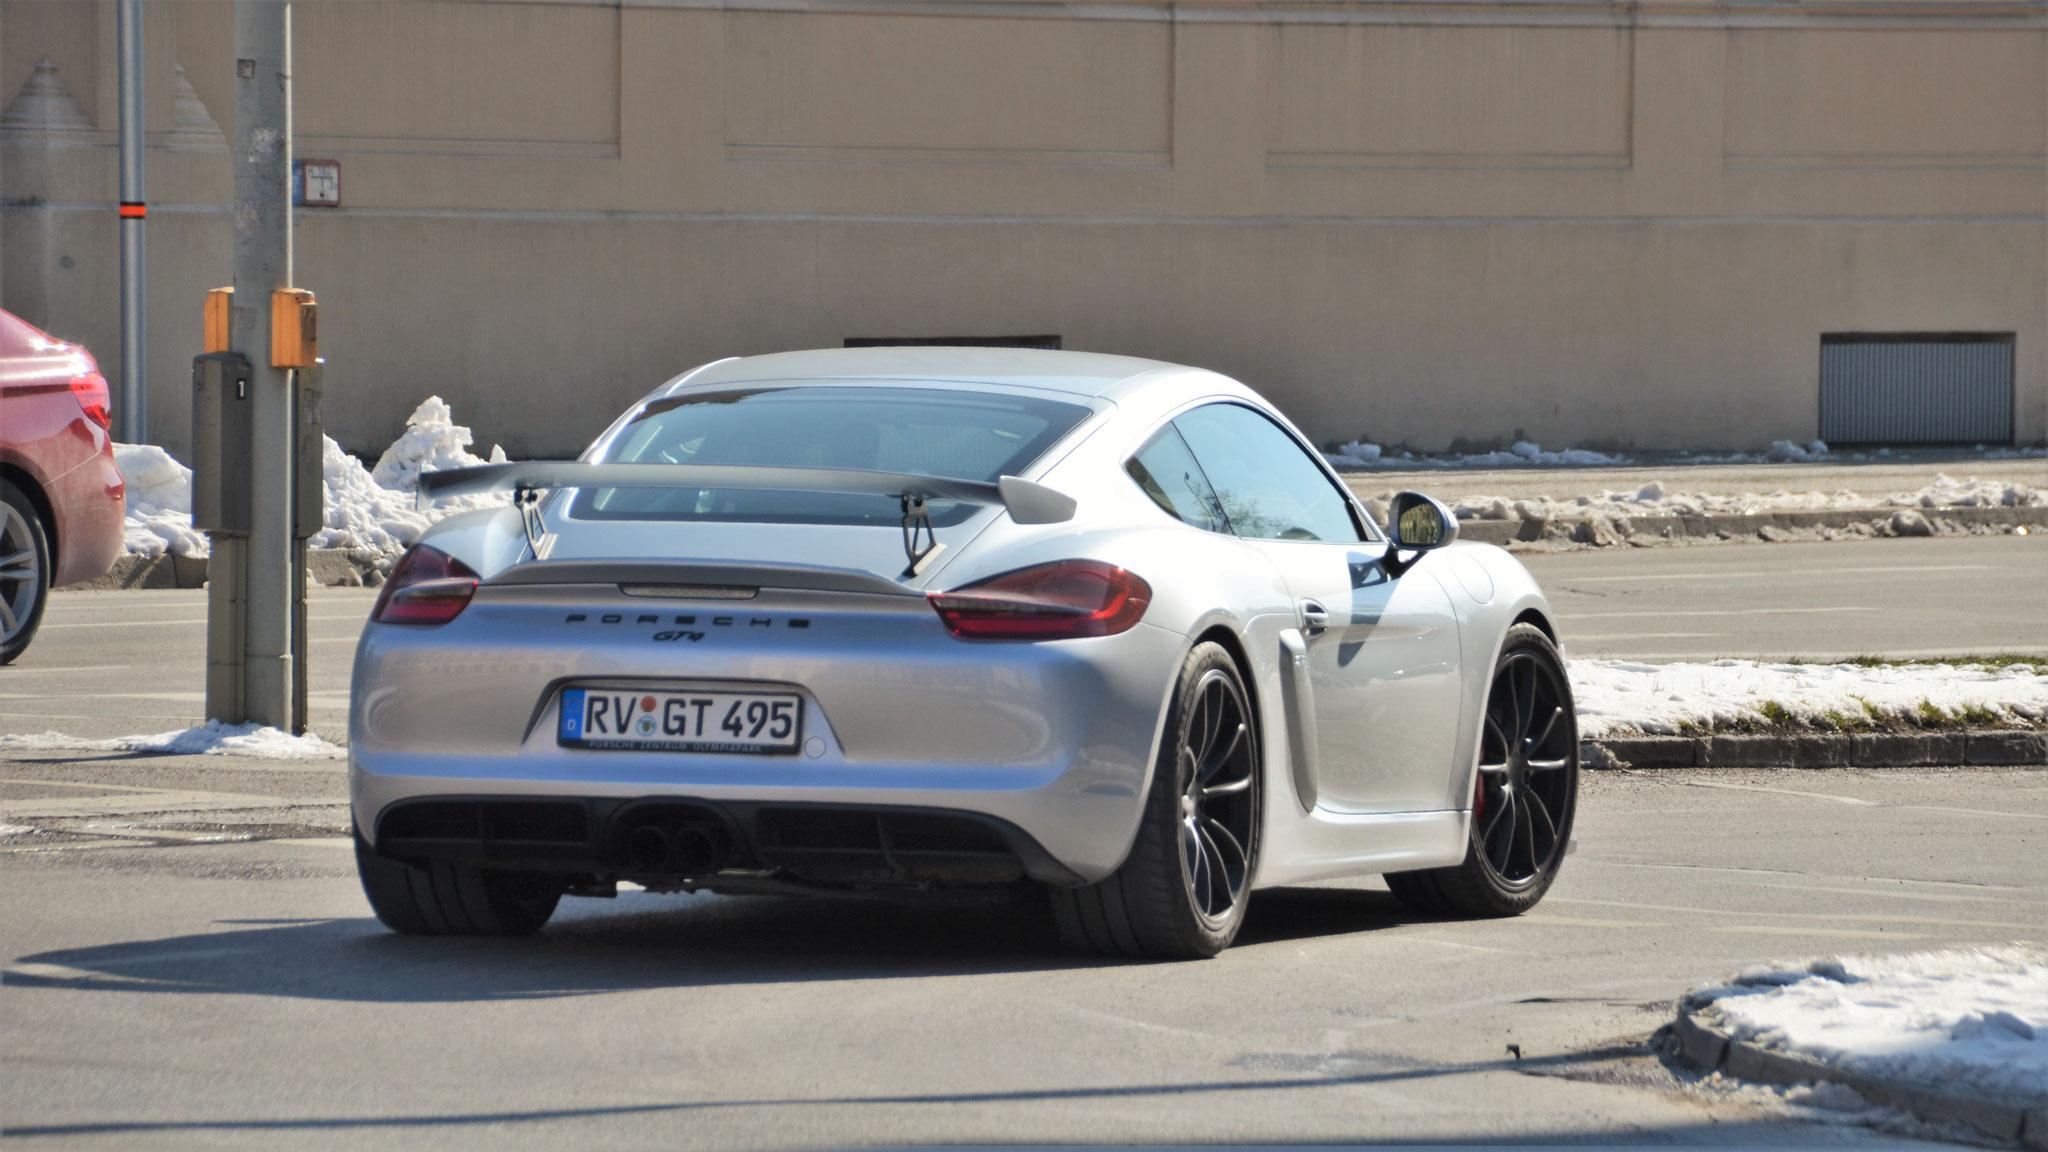 Porsche Cayman GT4 - RV-GT-495